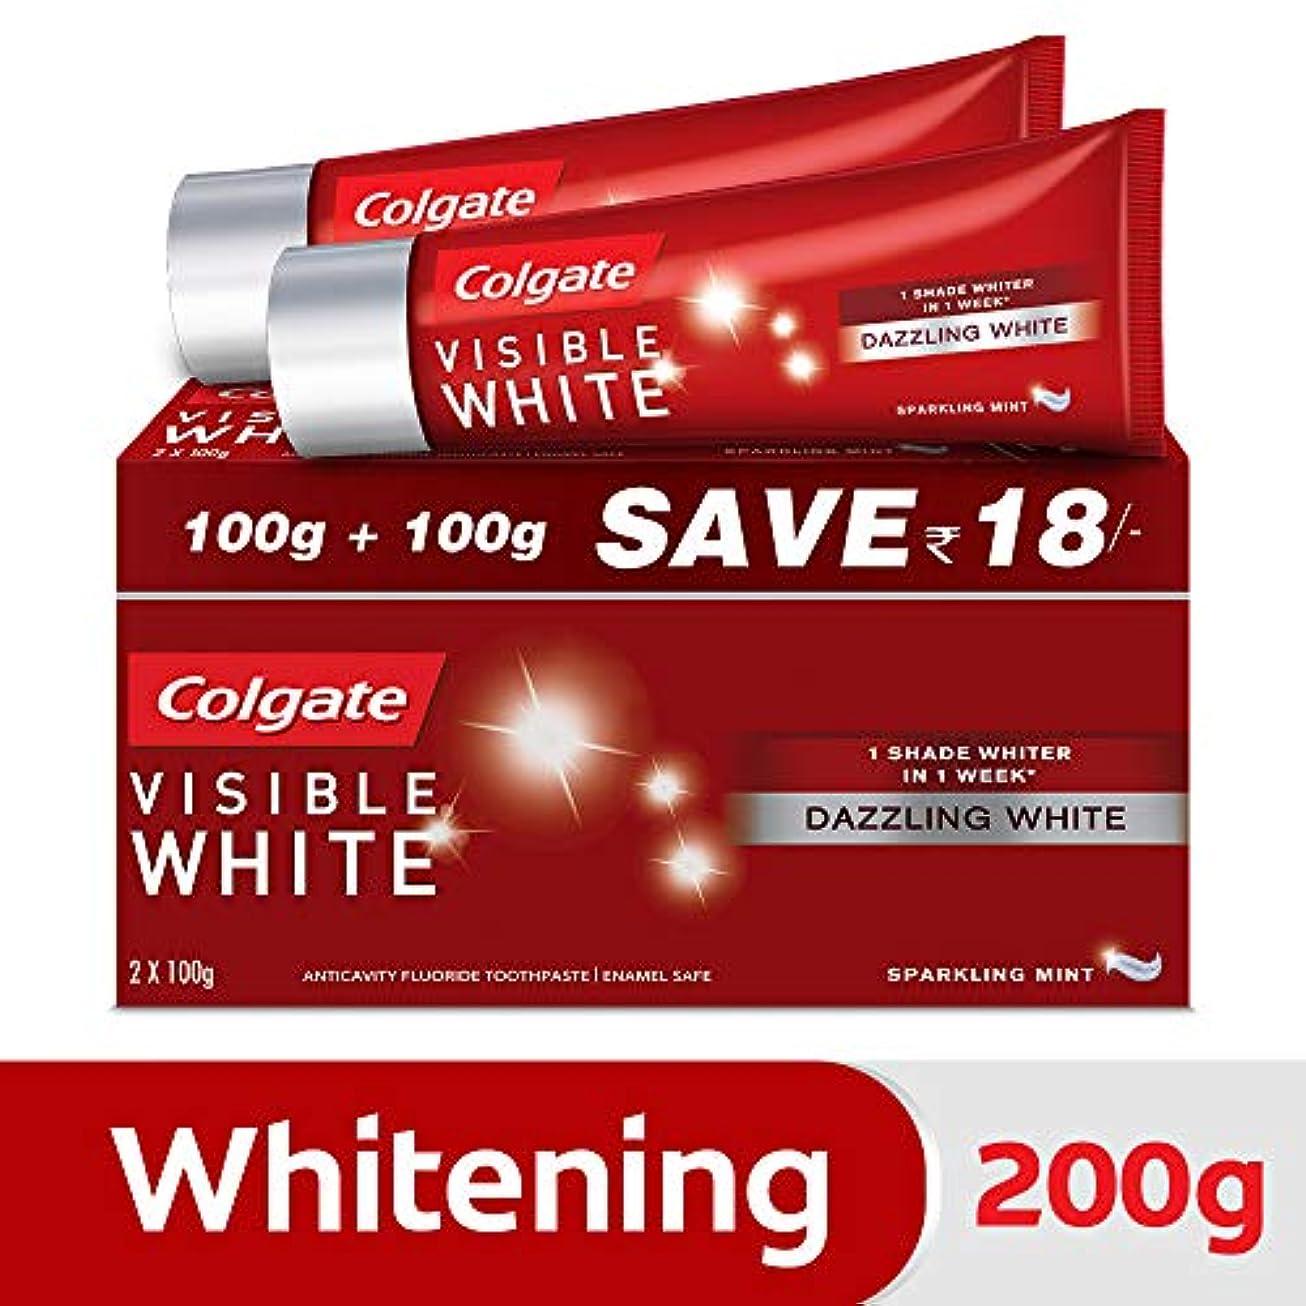 弾薬カウントアップ地平線Colgate Visible White Dazzling White Toothpaste, Sparkling Mint - 200gm (Pack of 2)